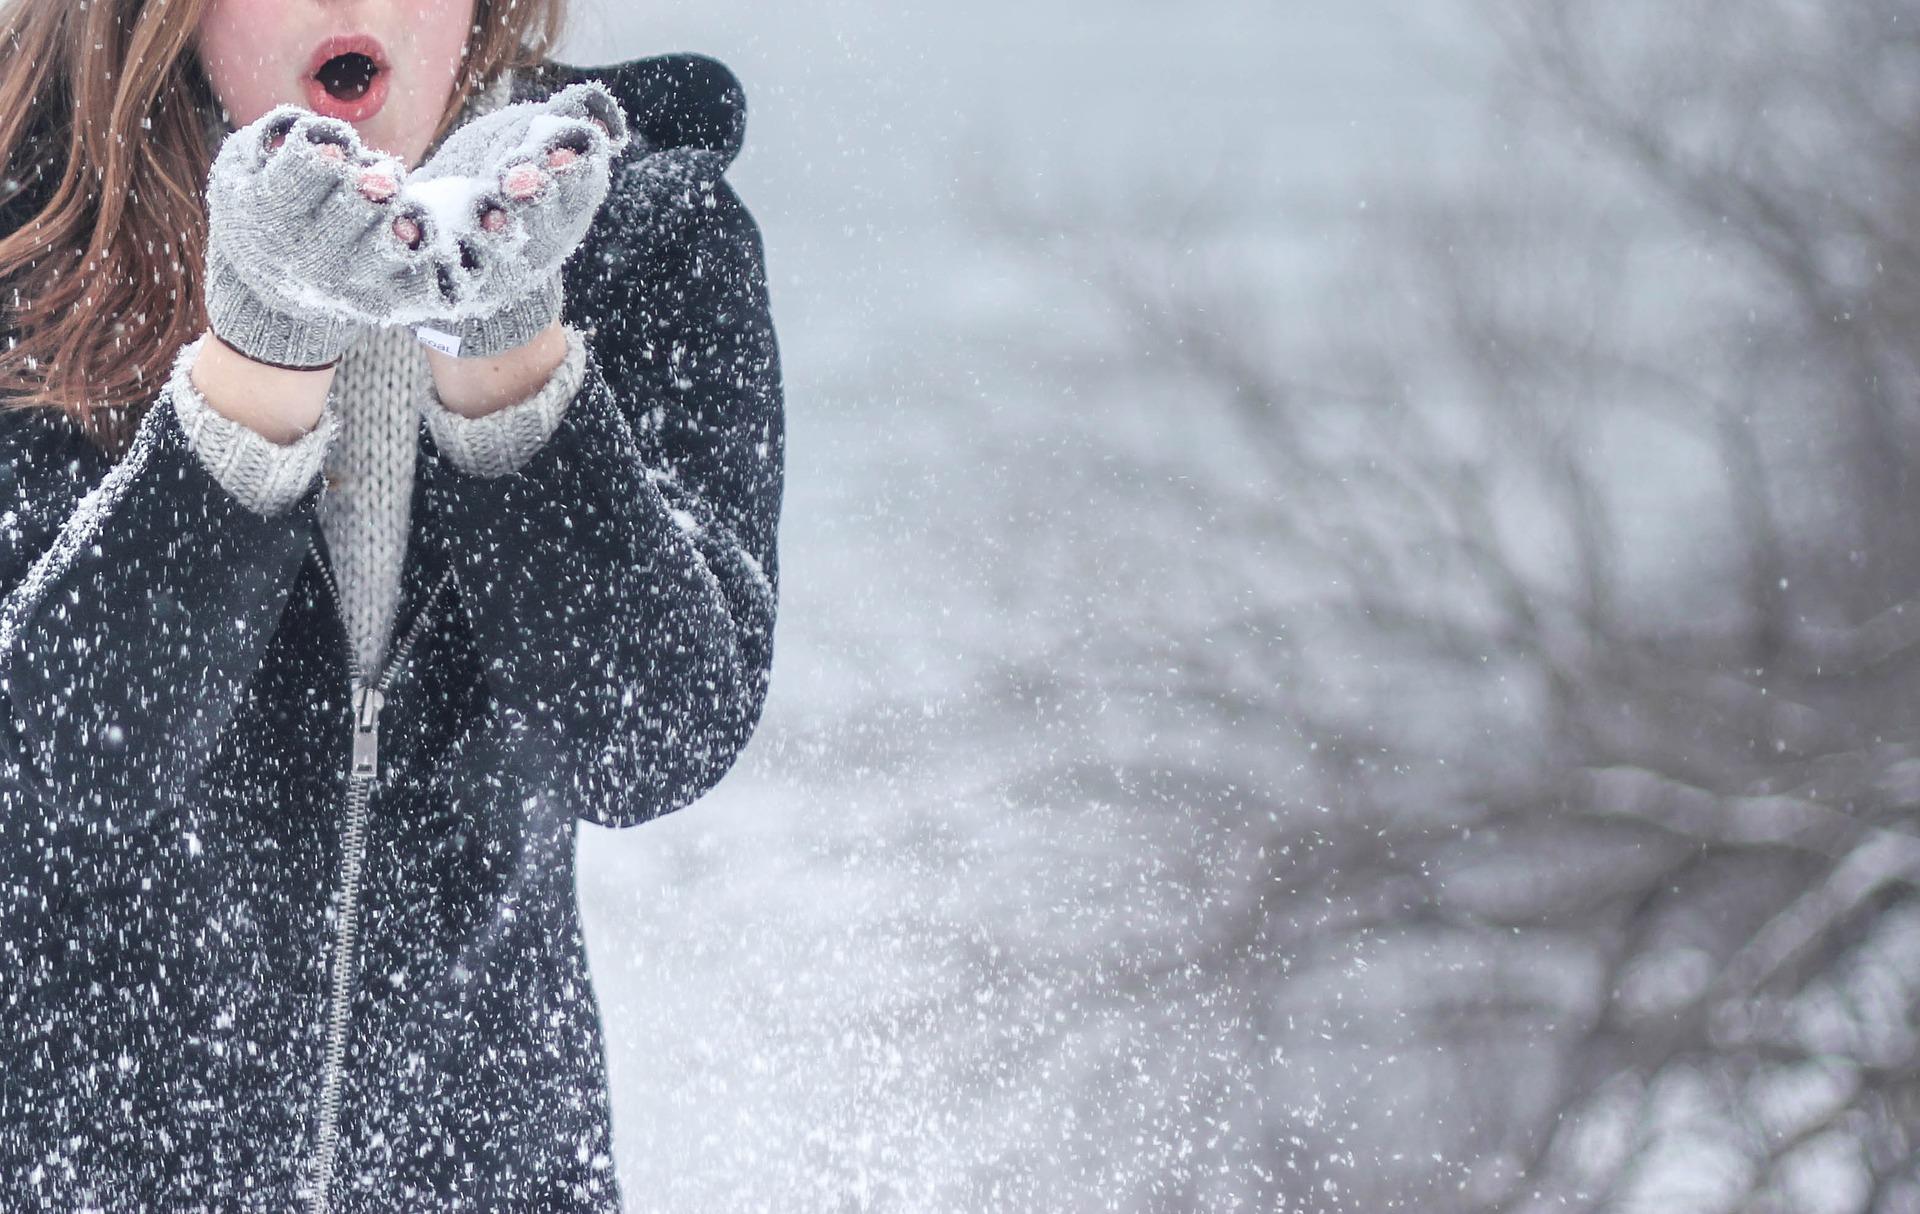 MALO SNIJEGA I PUNO OLUJA Ova zima će biti dosta drugačija od prethodne, a OVO je dugoročna prognoza